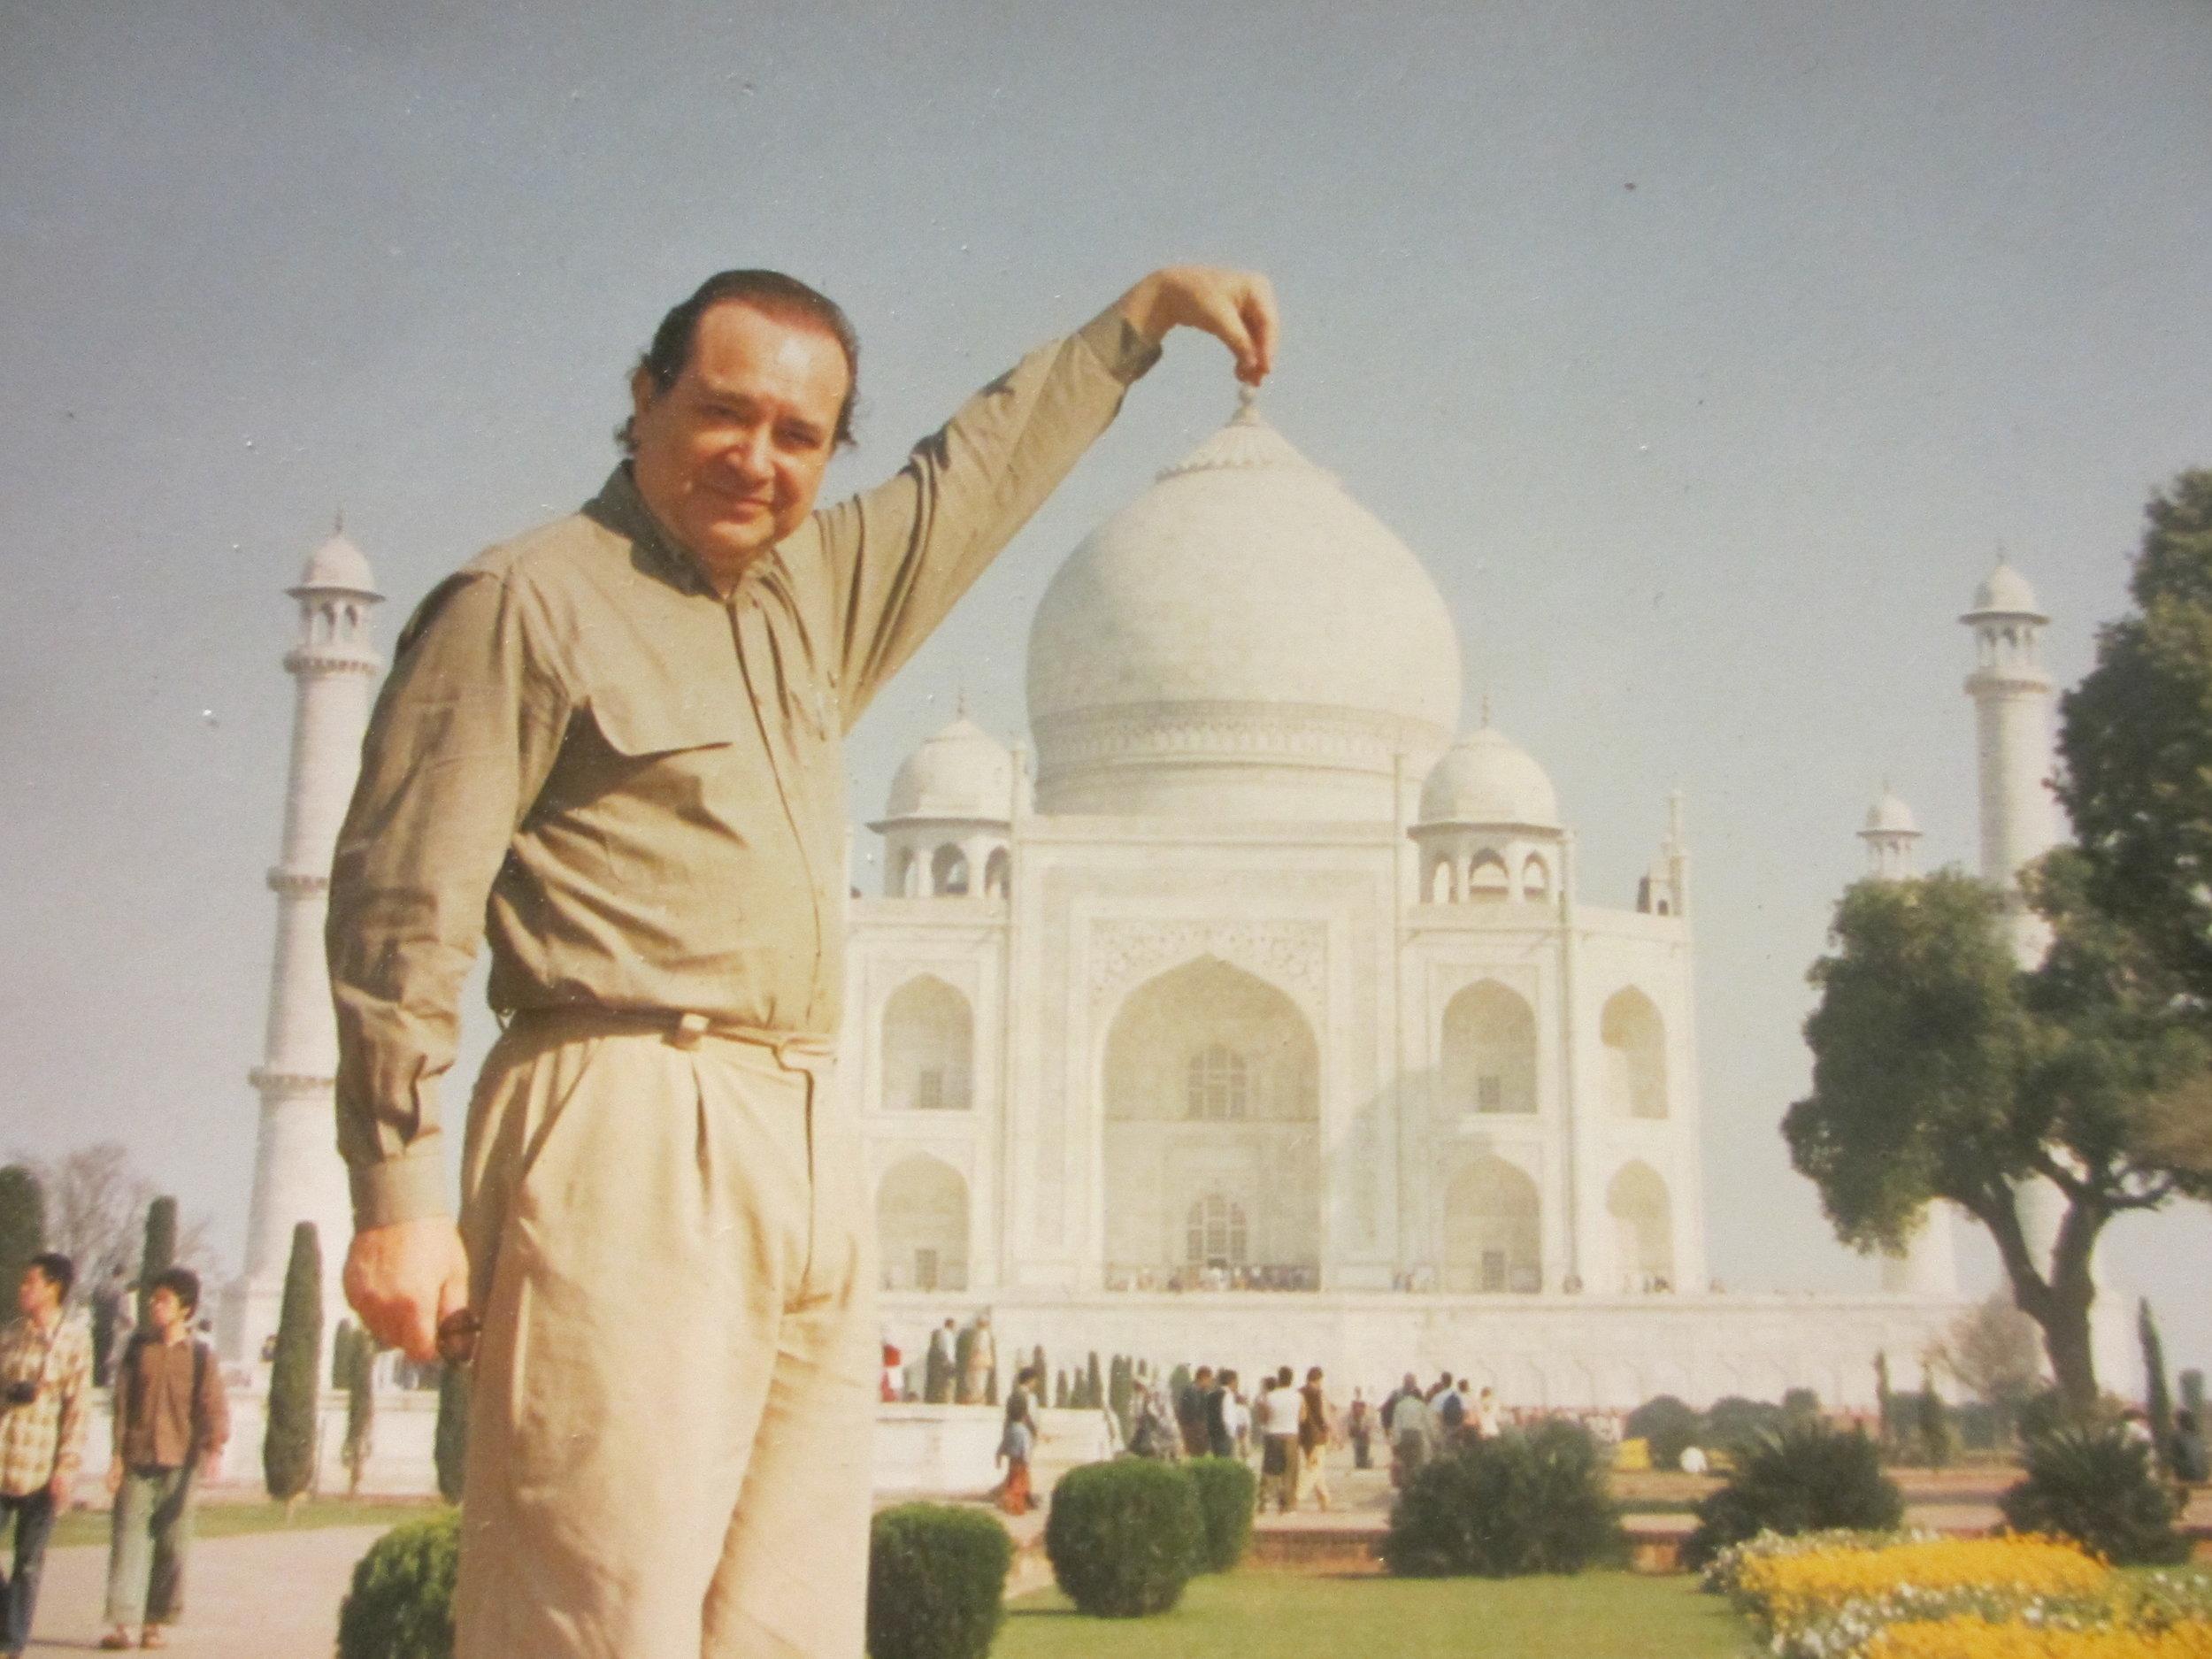 Robert in India